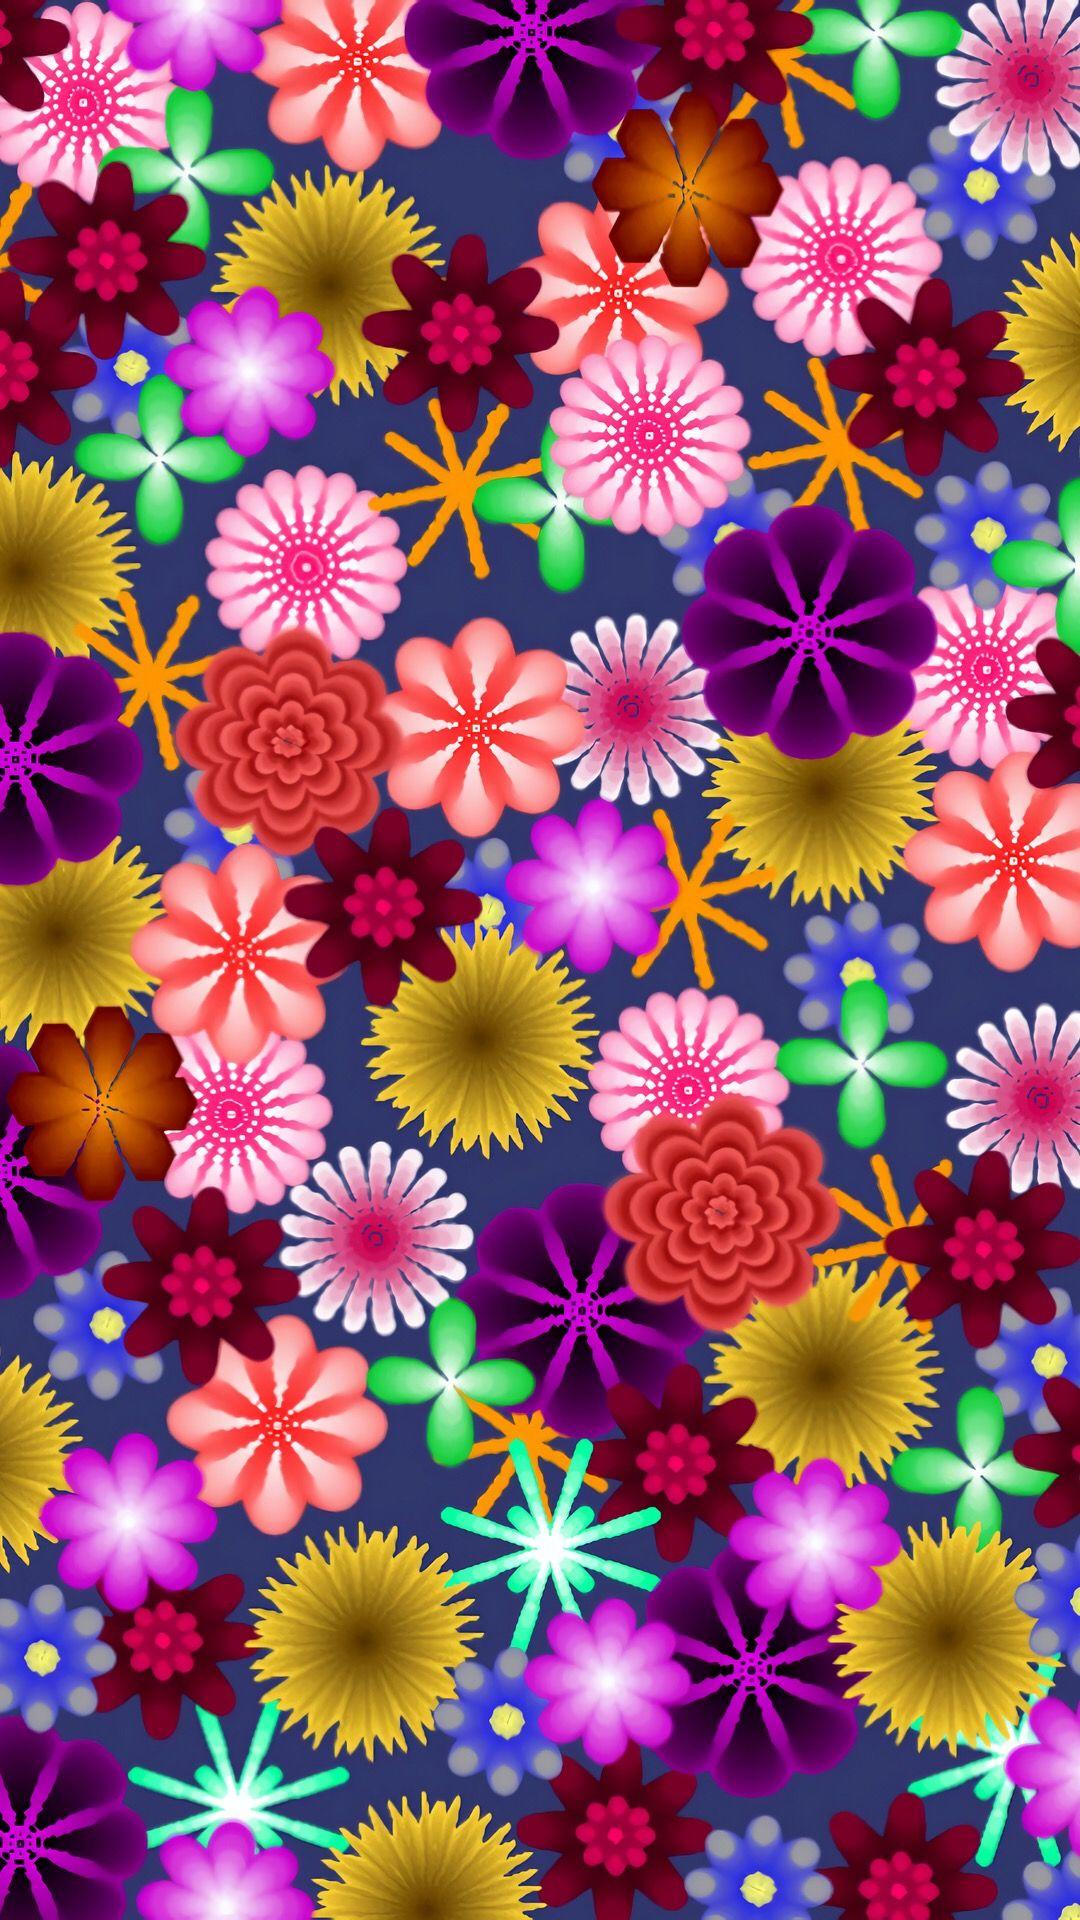 Idea by Jennifer Jordan on iPhone wallpapers Flower